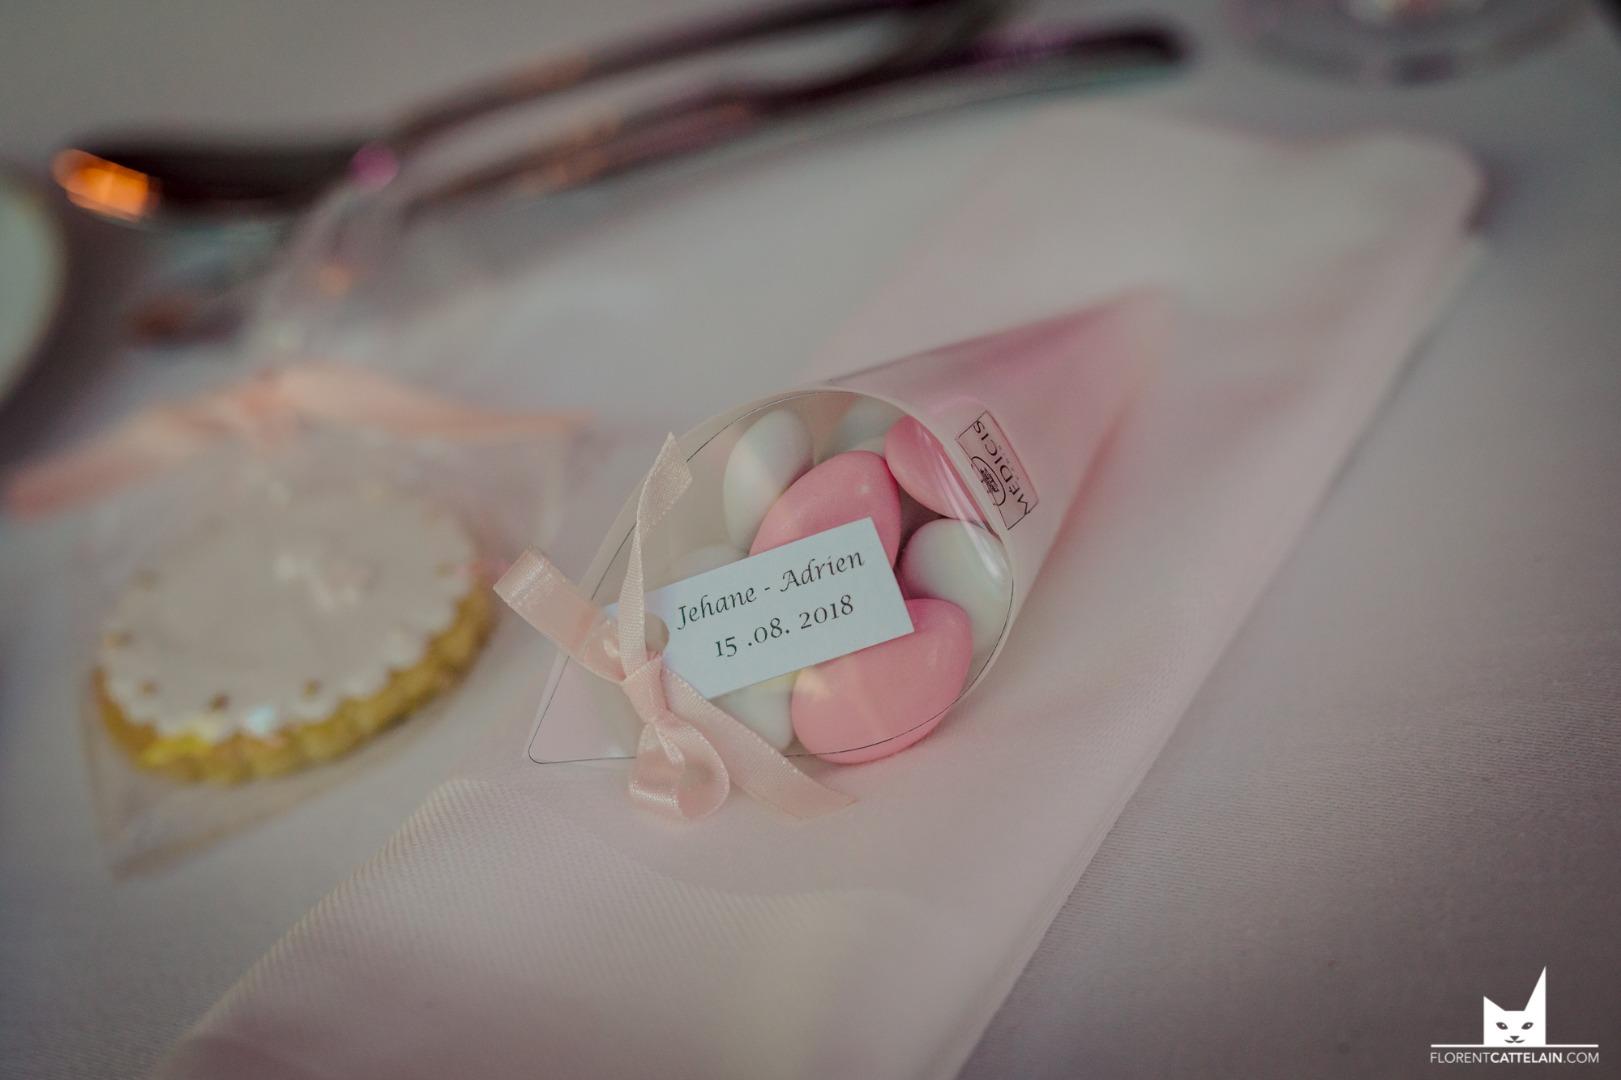 cadeaux invités pot miel - La Dolce Vità, organisation mariage Domaine St Michel Albi.jpg